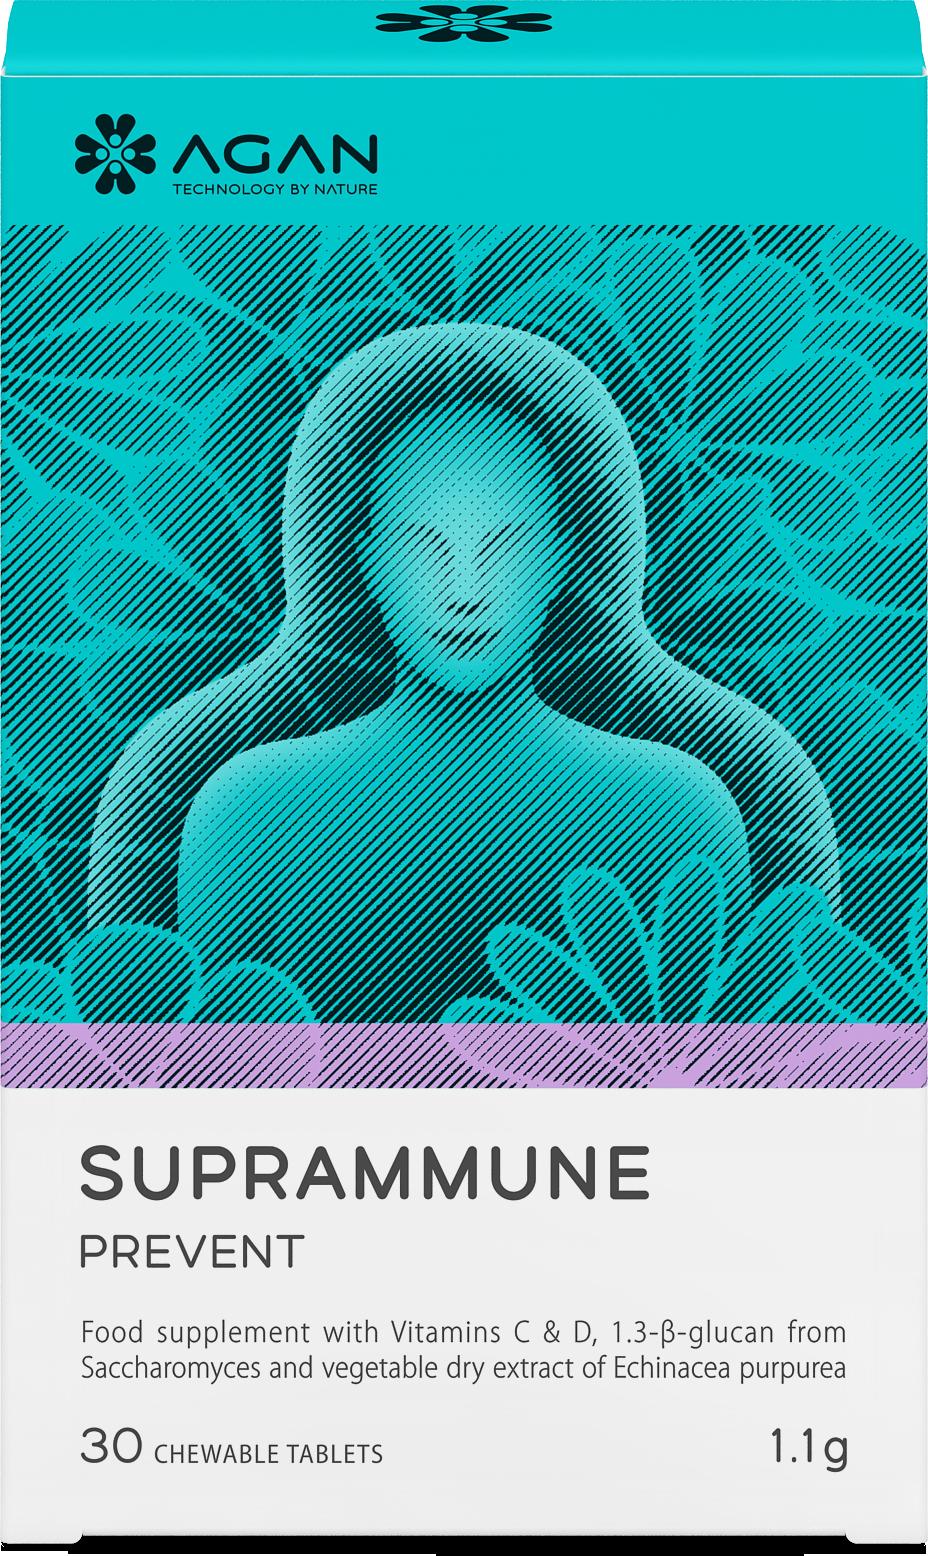 SUPRAMMUNE PREVENT